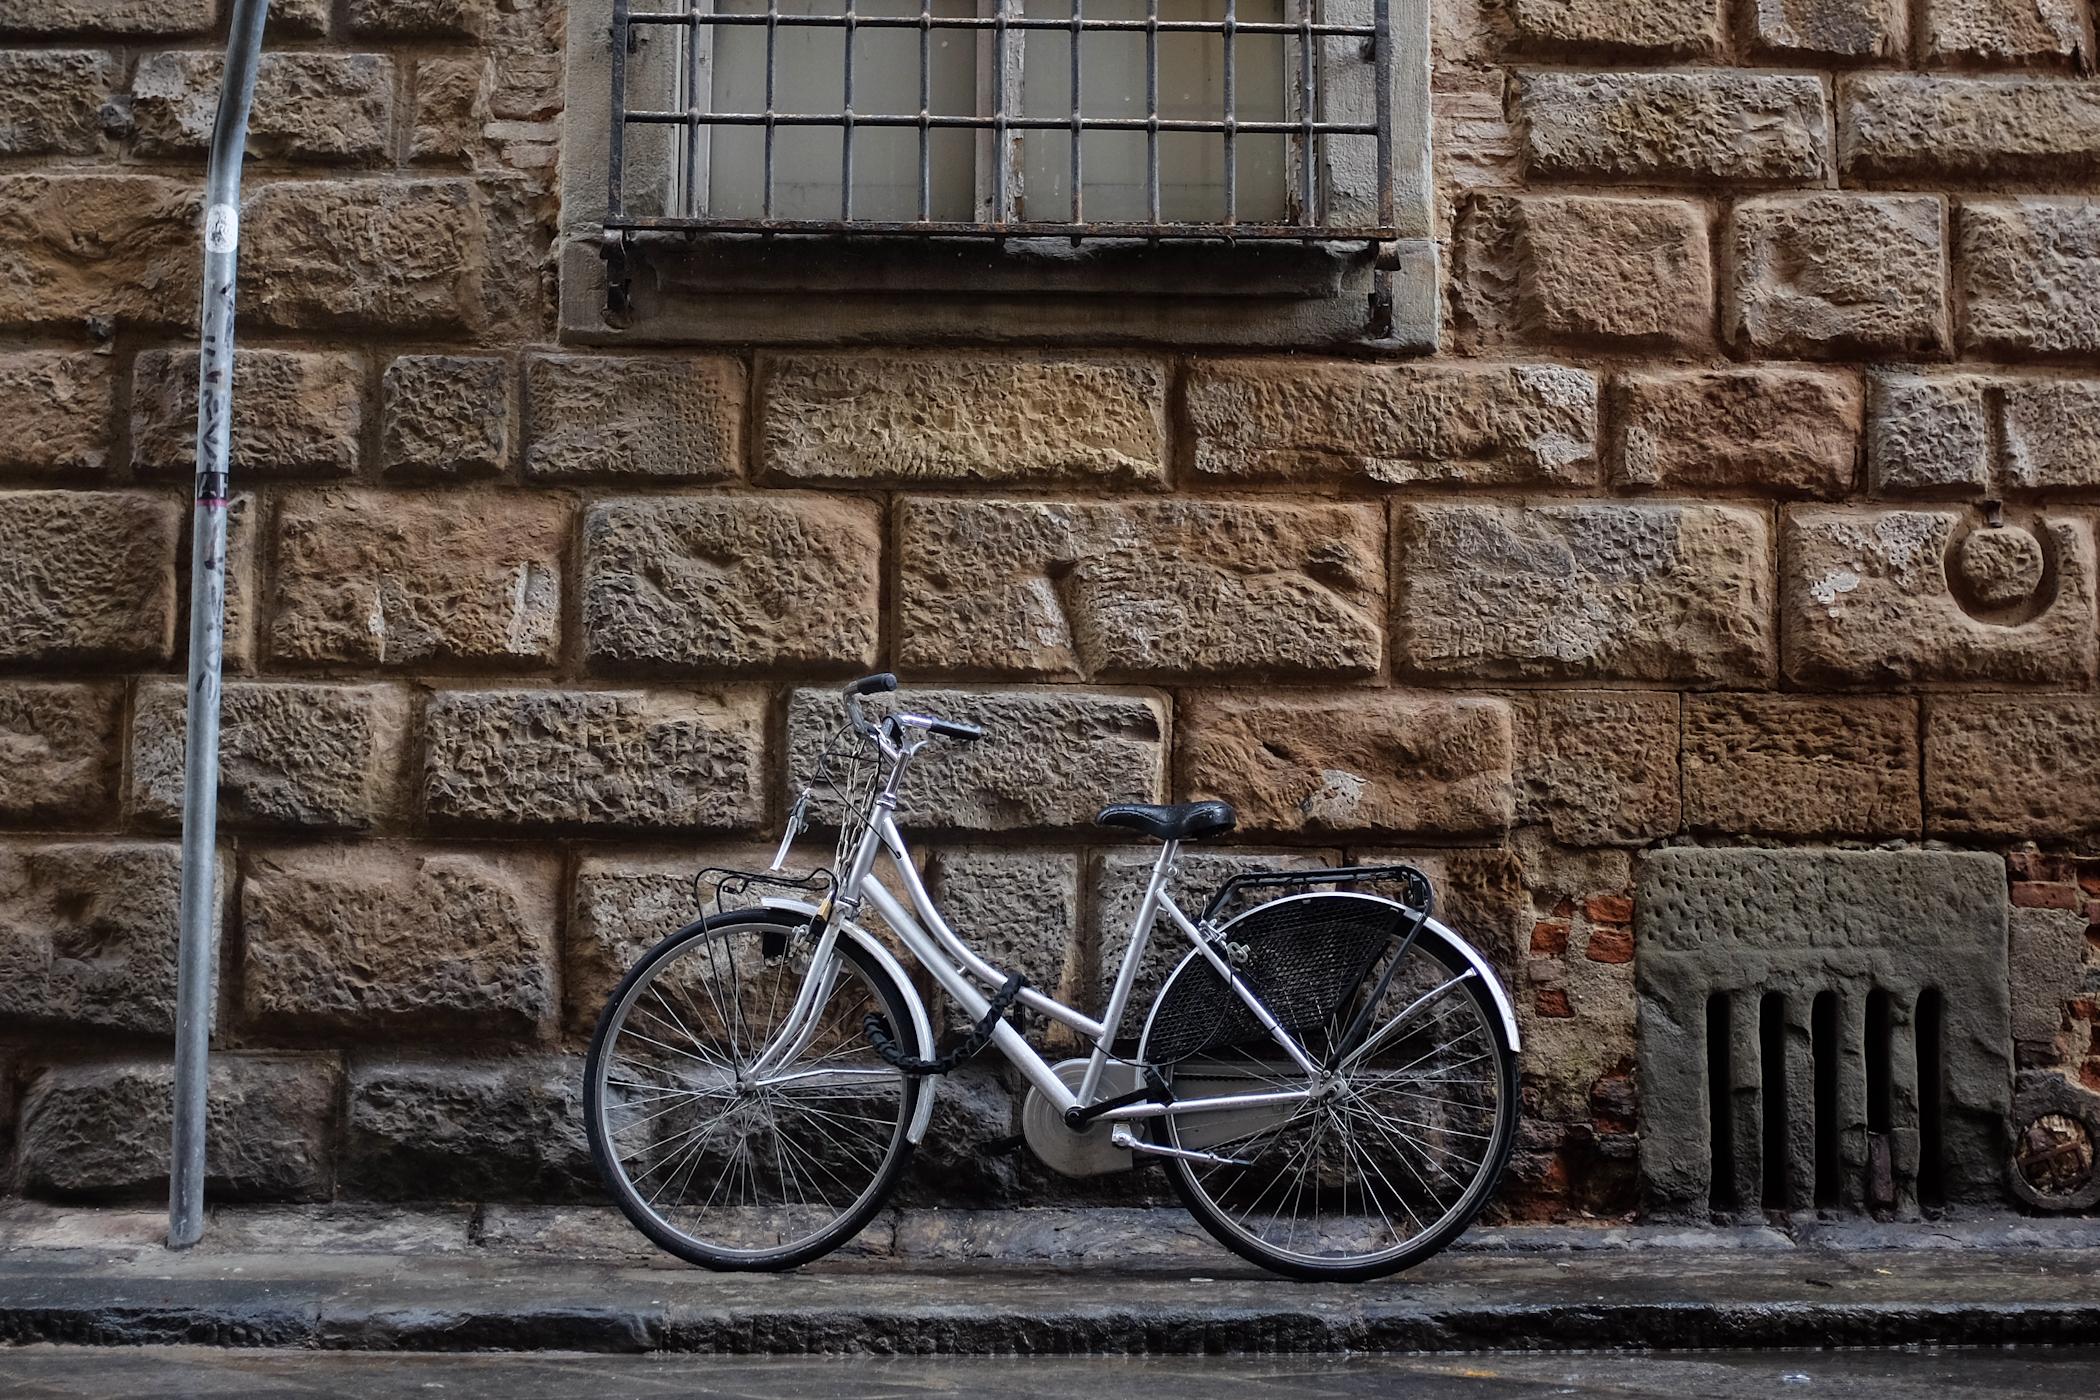 palermo bicicletti di firenze jan15-6.jpg